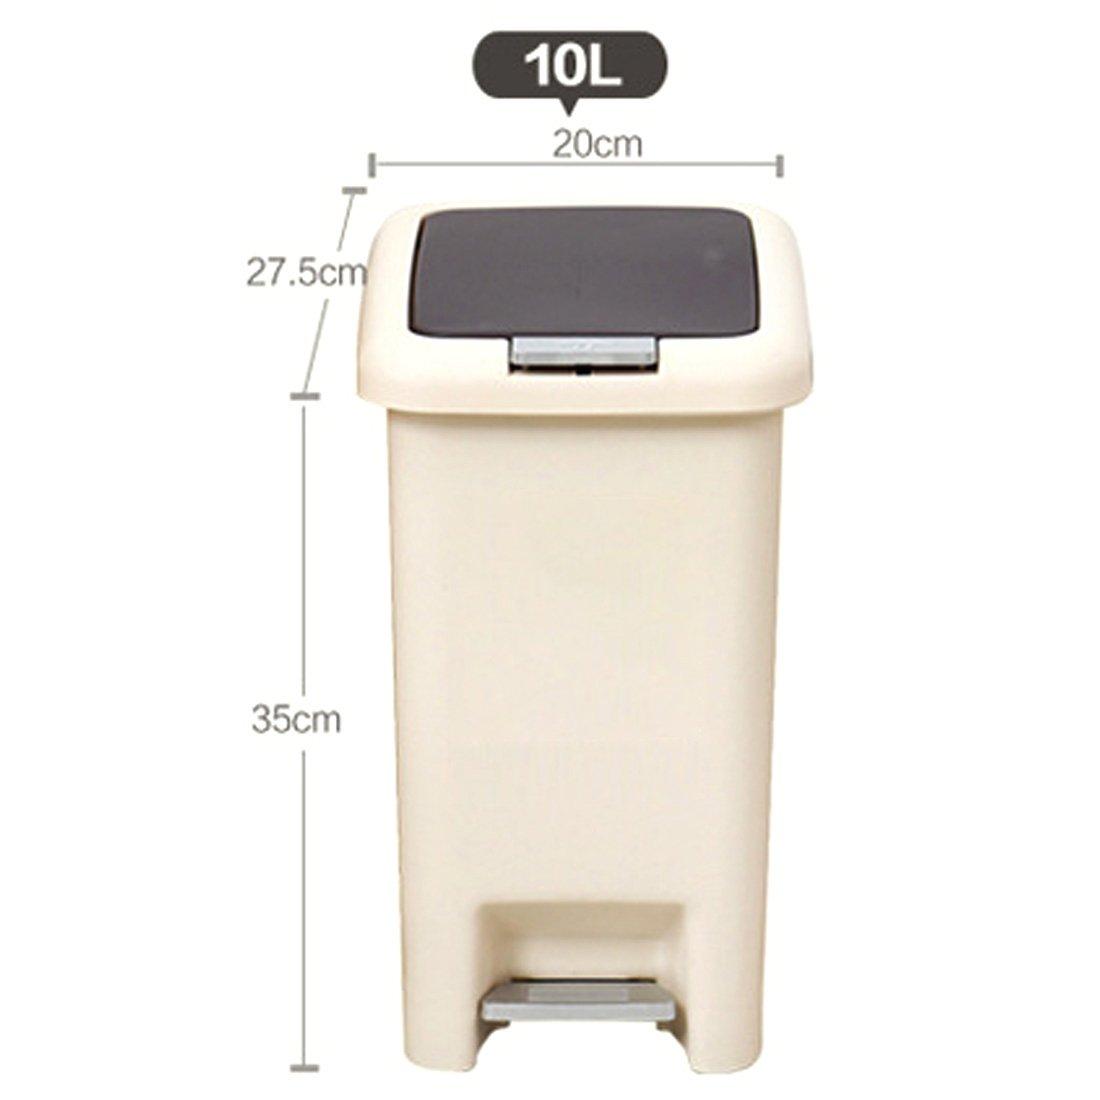 20*27.5*31CM Lommer 8 Liter Plastik Rechteckig Mülleimer Modern Einfach Papierkorb Abfalleimer mit Deckel und Pedal für Küche Büro Bad Wohnzimmer Schlafzimmer Kaffee